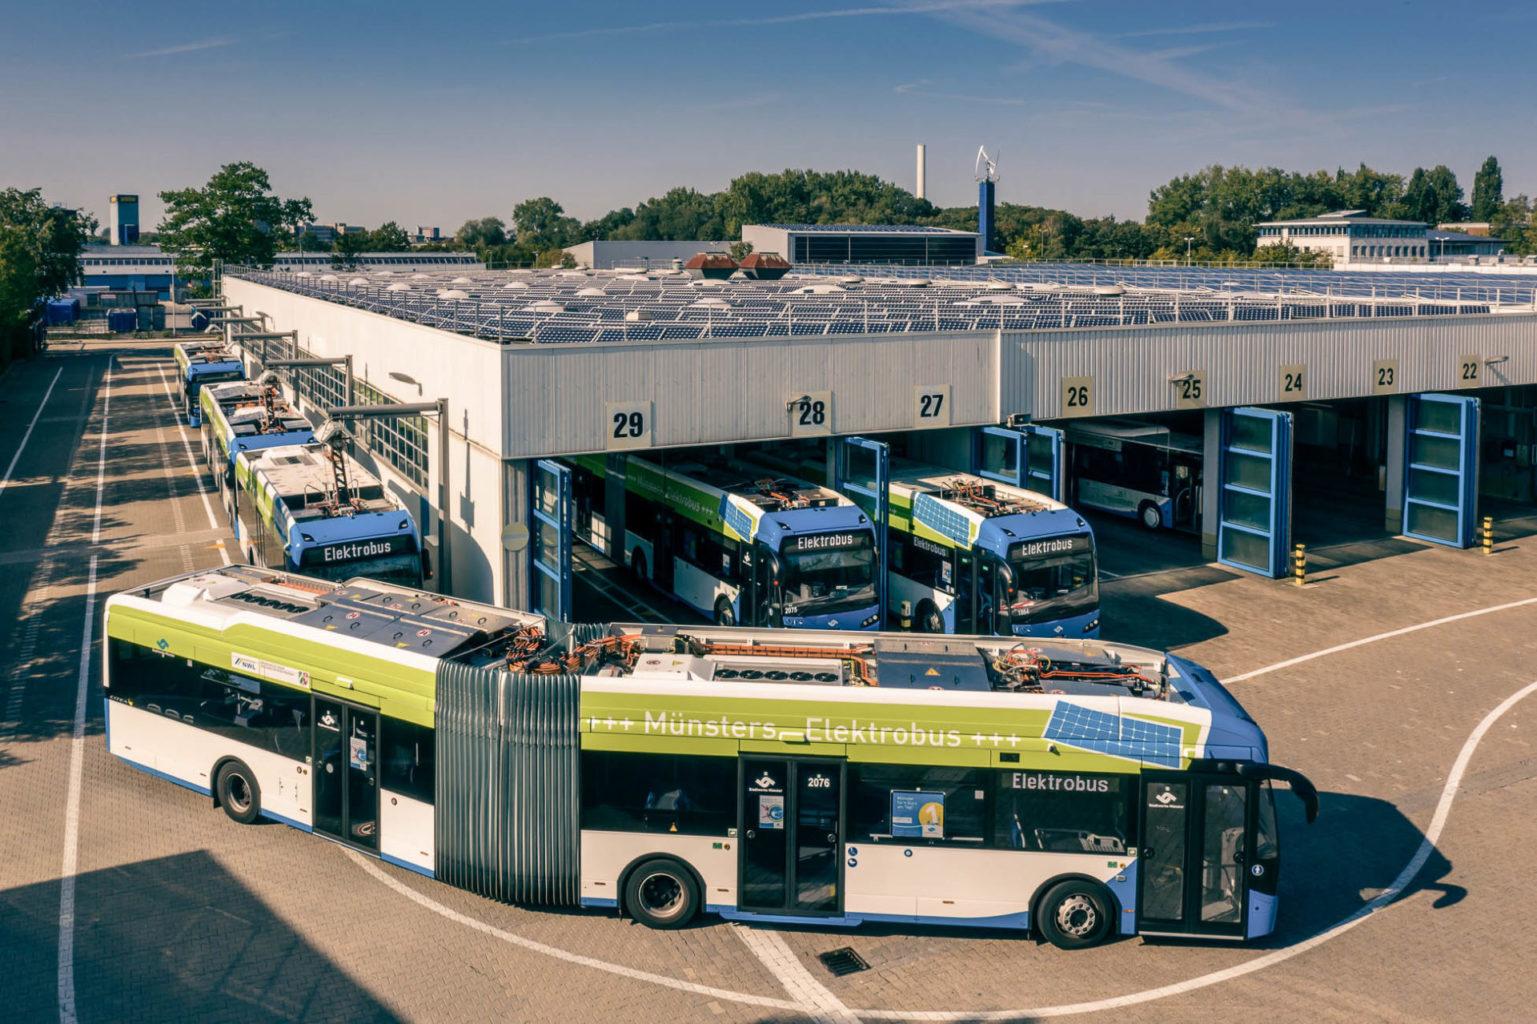 Klimaschonend und leise: Sechs neue Elektrobusse für die Stadtwerke Münster